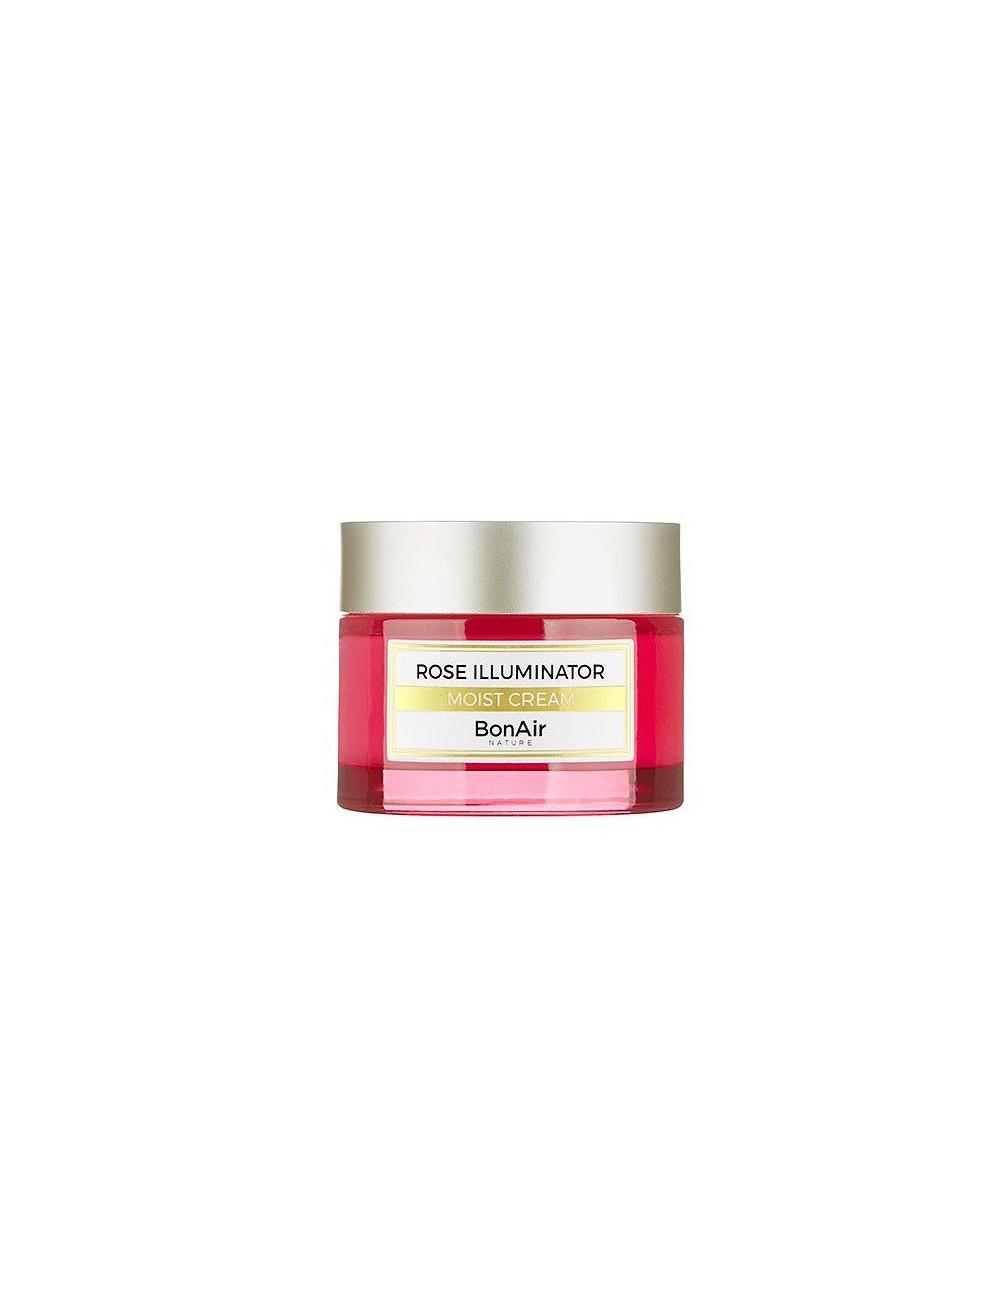 Crema Iluminadora BonAir Rose Illuminator Moist Cream